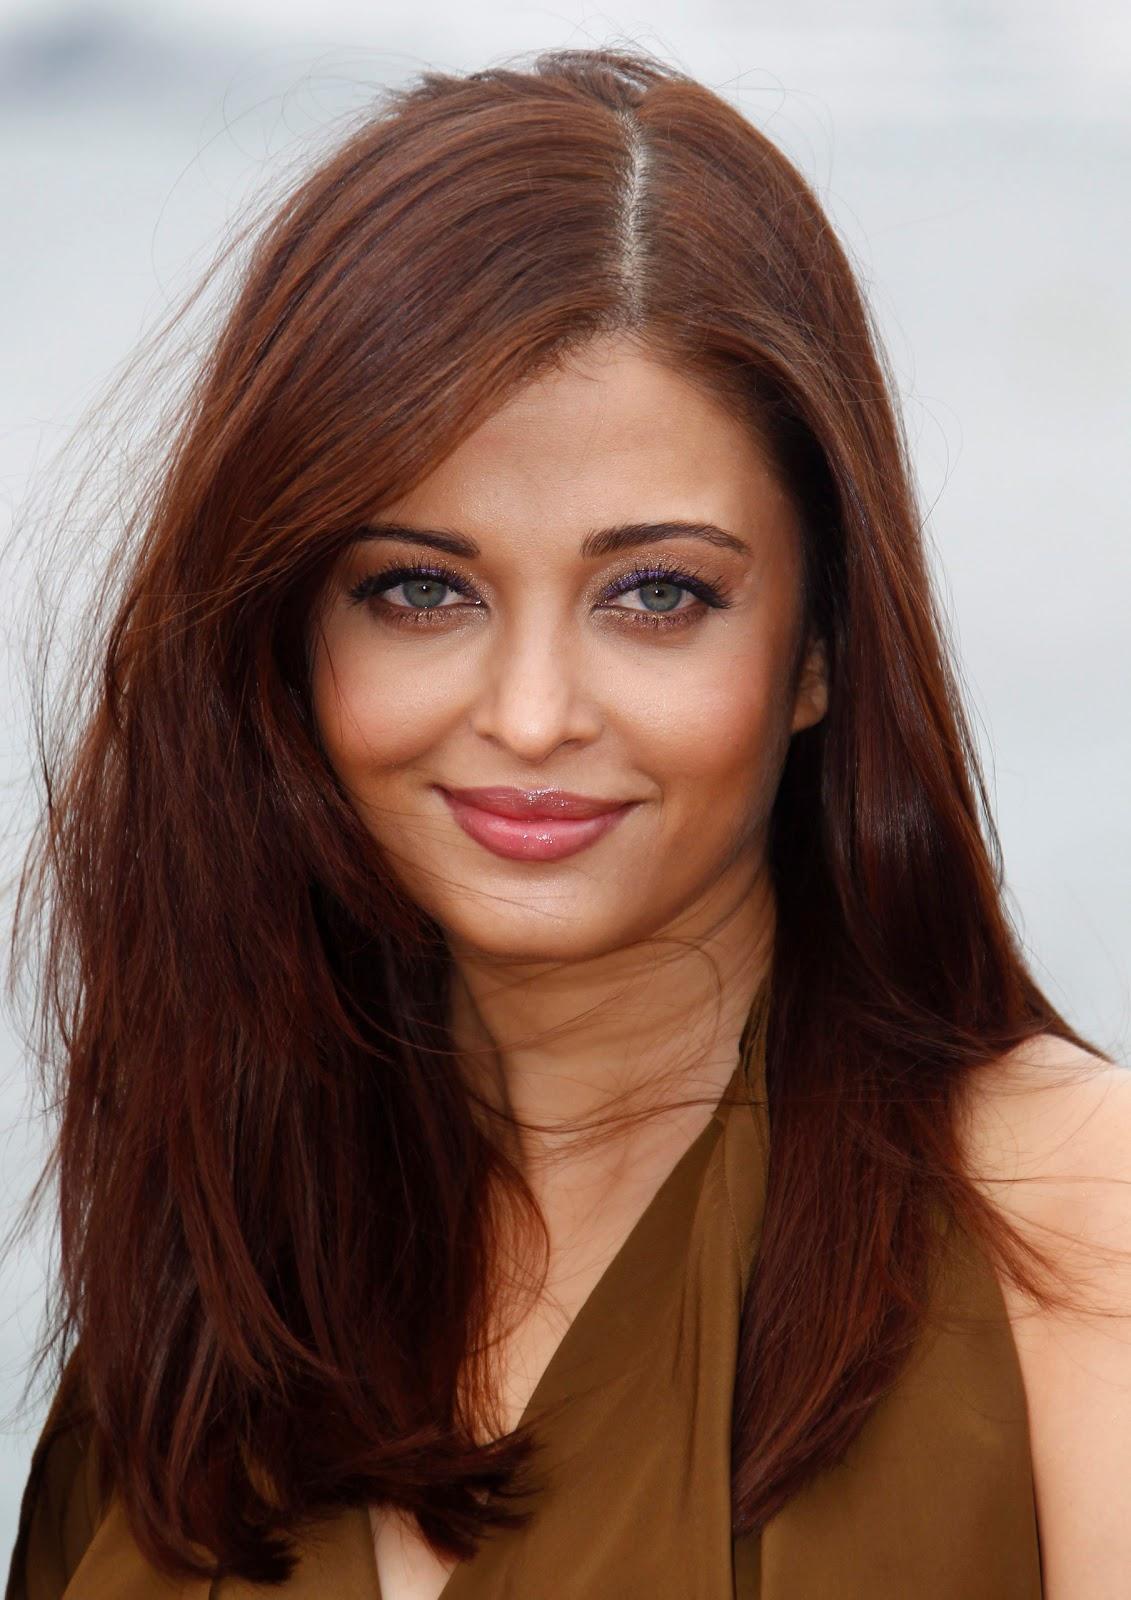 http://4.bp.blogspot.com/-BEX7qvvQULg/Tmvha3-jxgI/AAAAAAAABSE/L9MyB302wU4/s1600/Aishwarya-Rai-Heroine-Photocall-at-CFF-May-13-2011.jpg